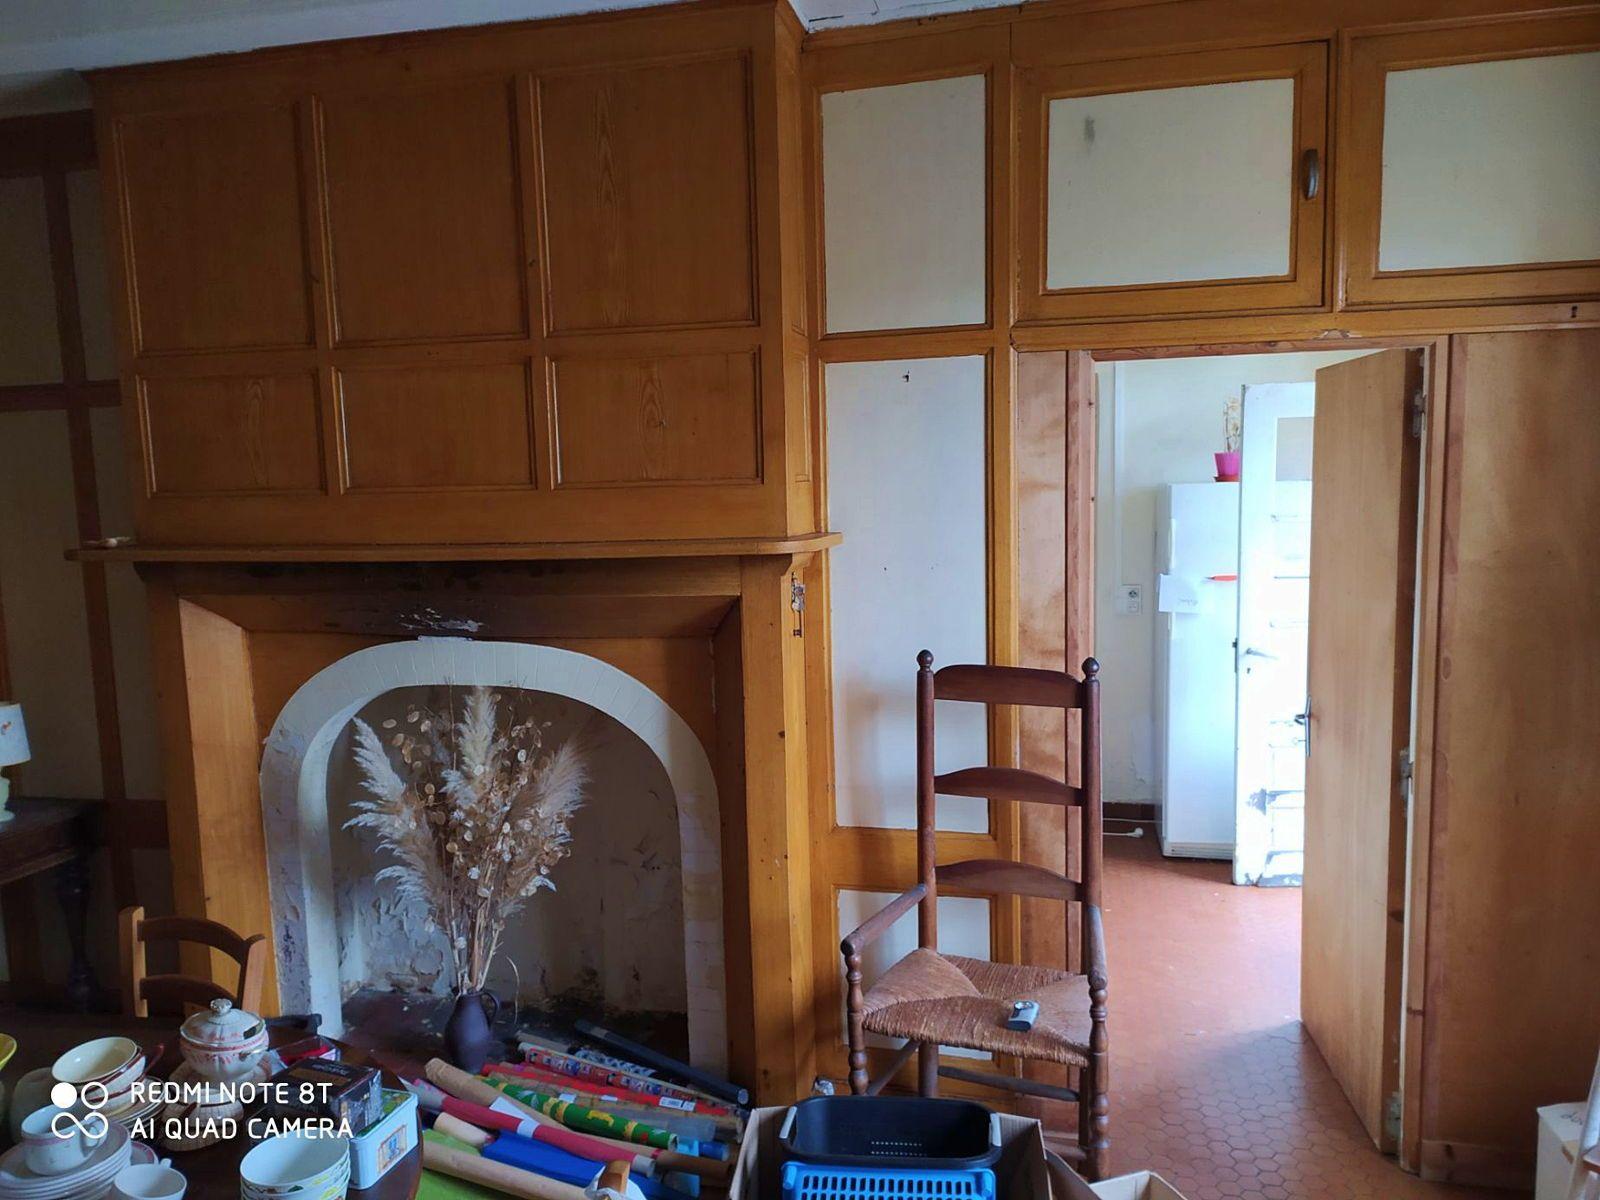 Vends maison enpPierre de 170m², 3chambres, À rénover, Granville (50)